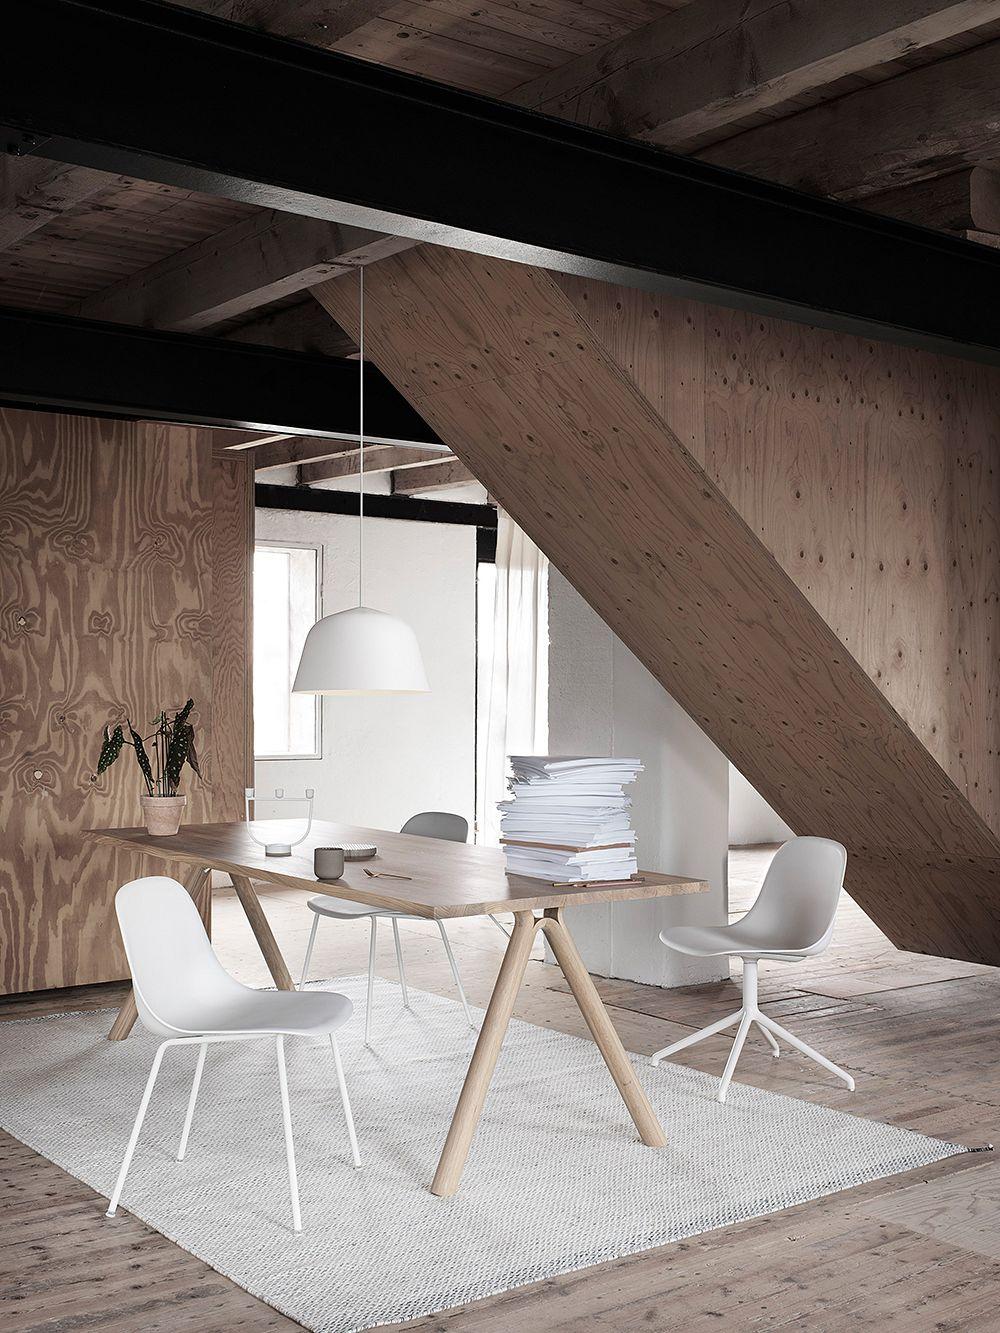 Muuto Fiber ruokapöydän tuoli, putkijalat, valkoinen